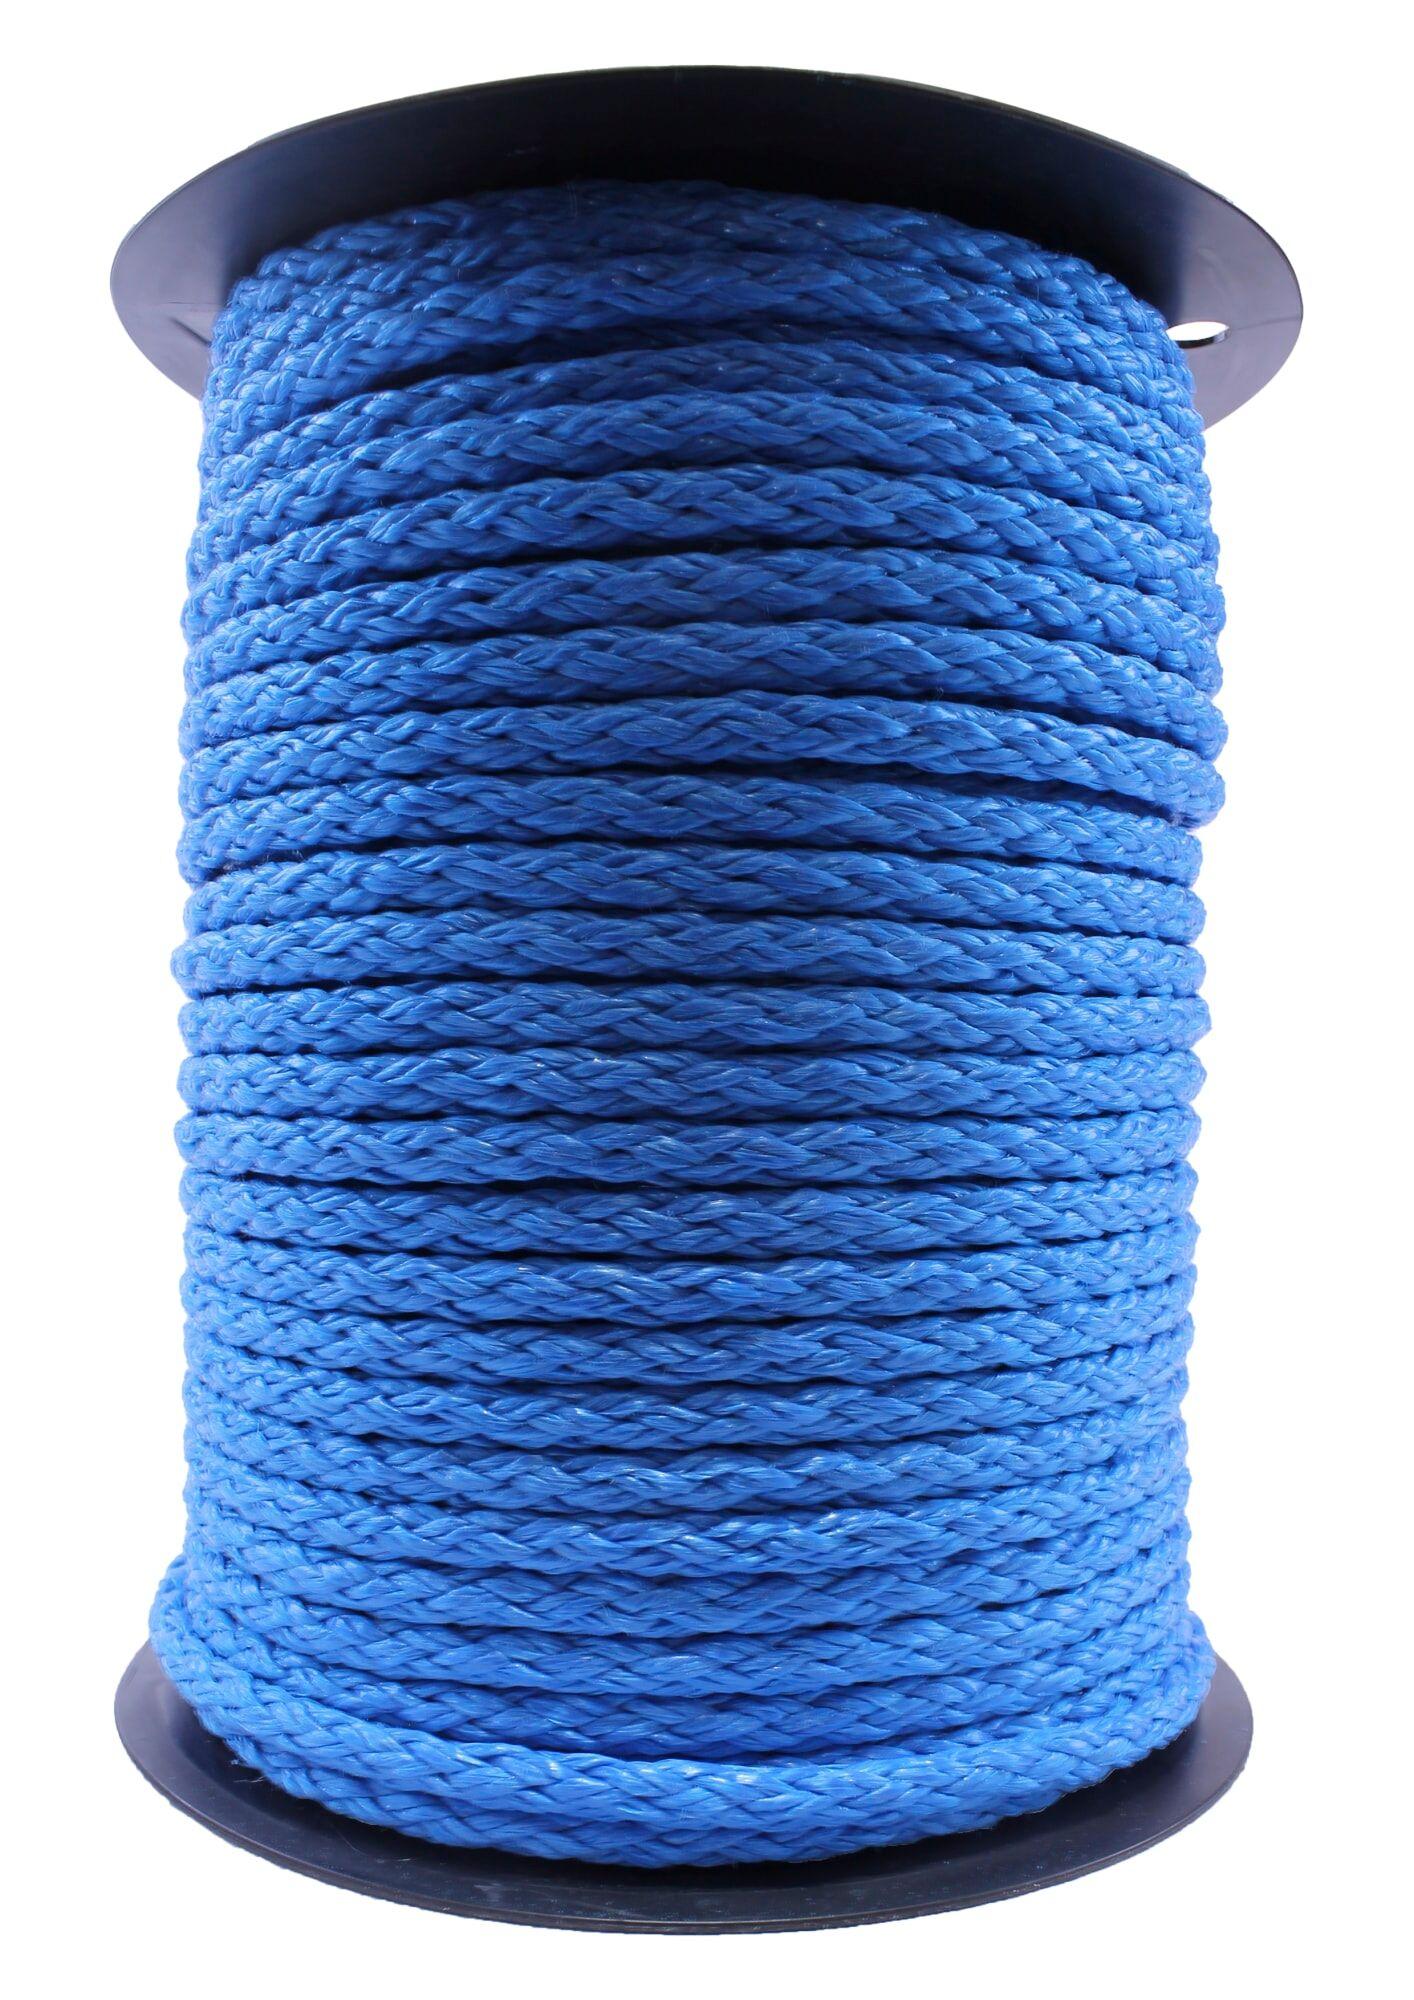 Piippo 10mm 130m sininen propeeniköysi